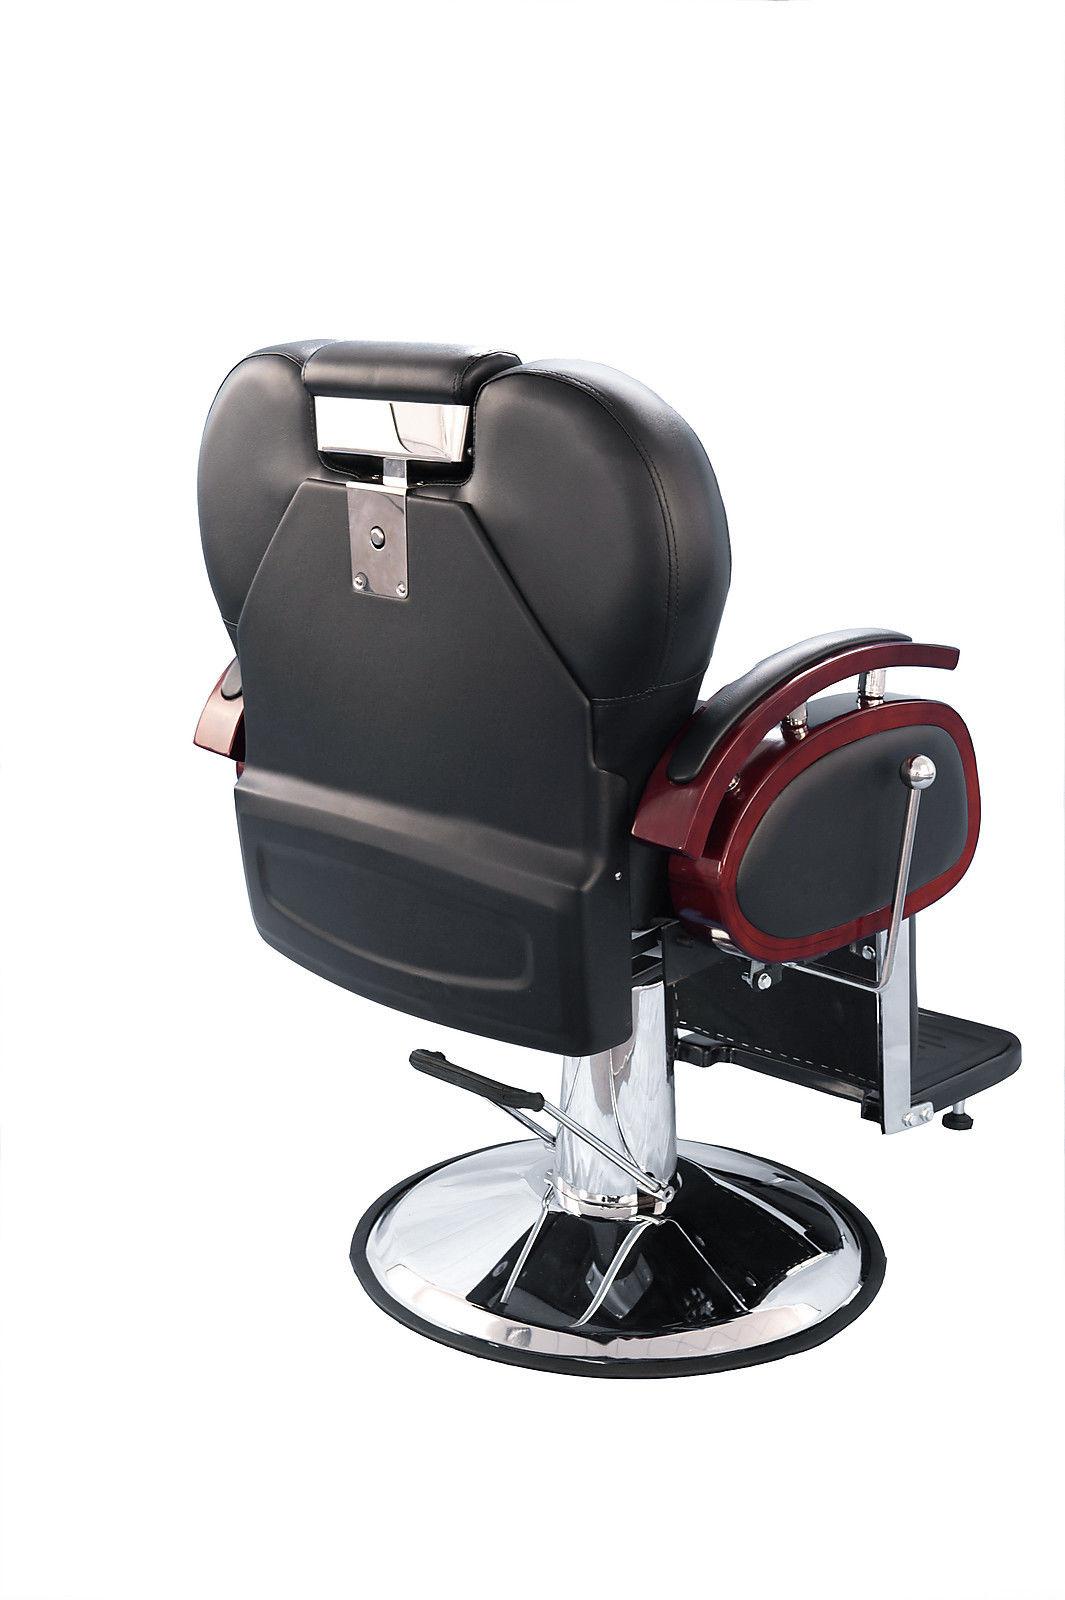 ez chair barber shop cheap kitchen table chairs barberpub four purpose hydraulic recline